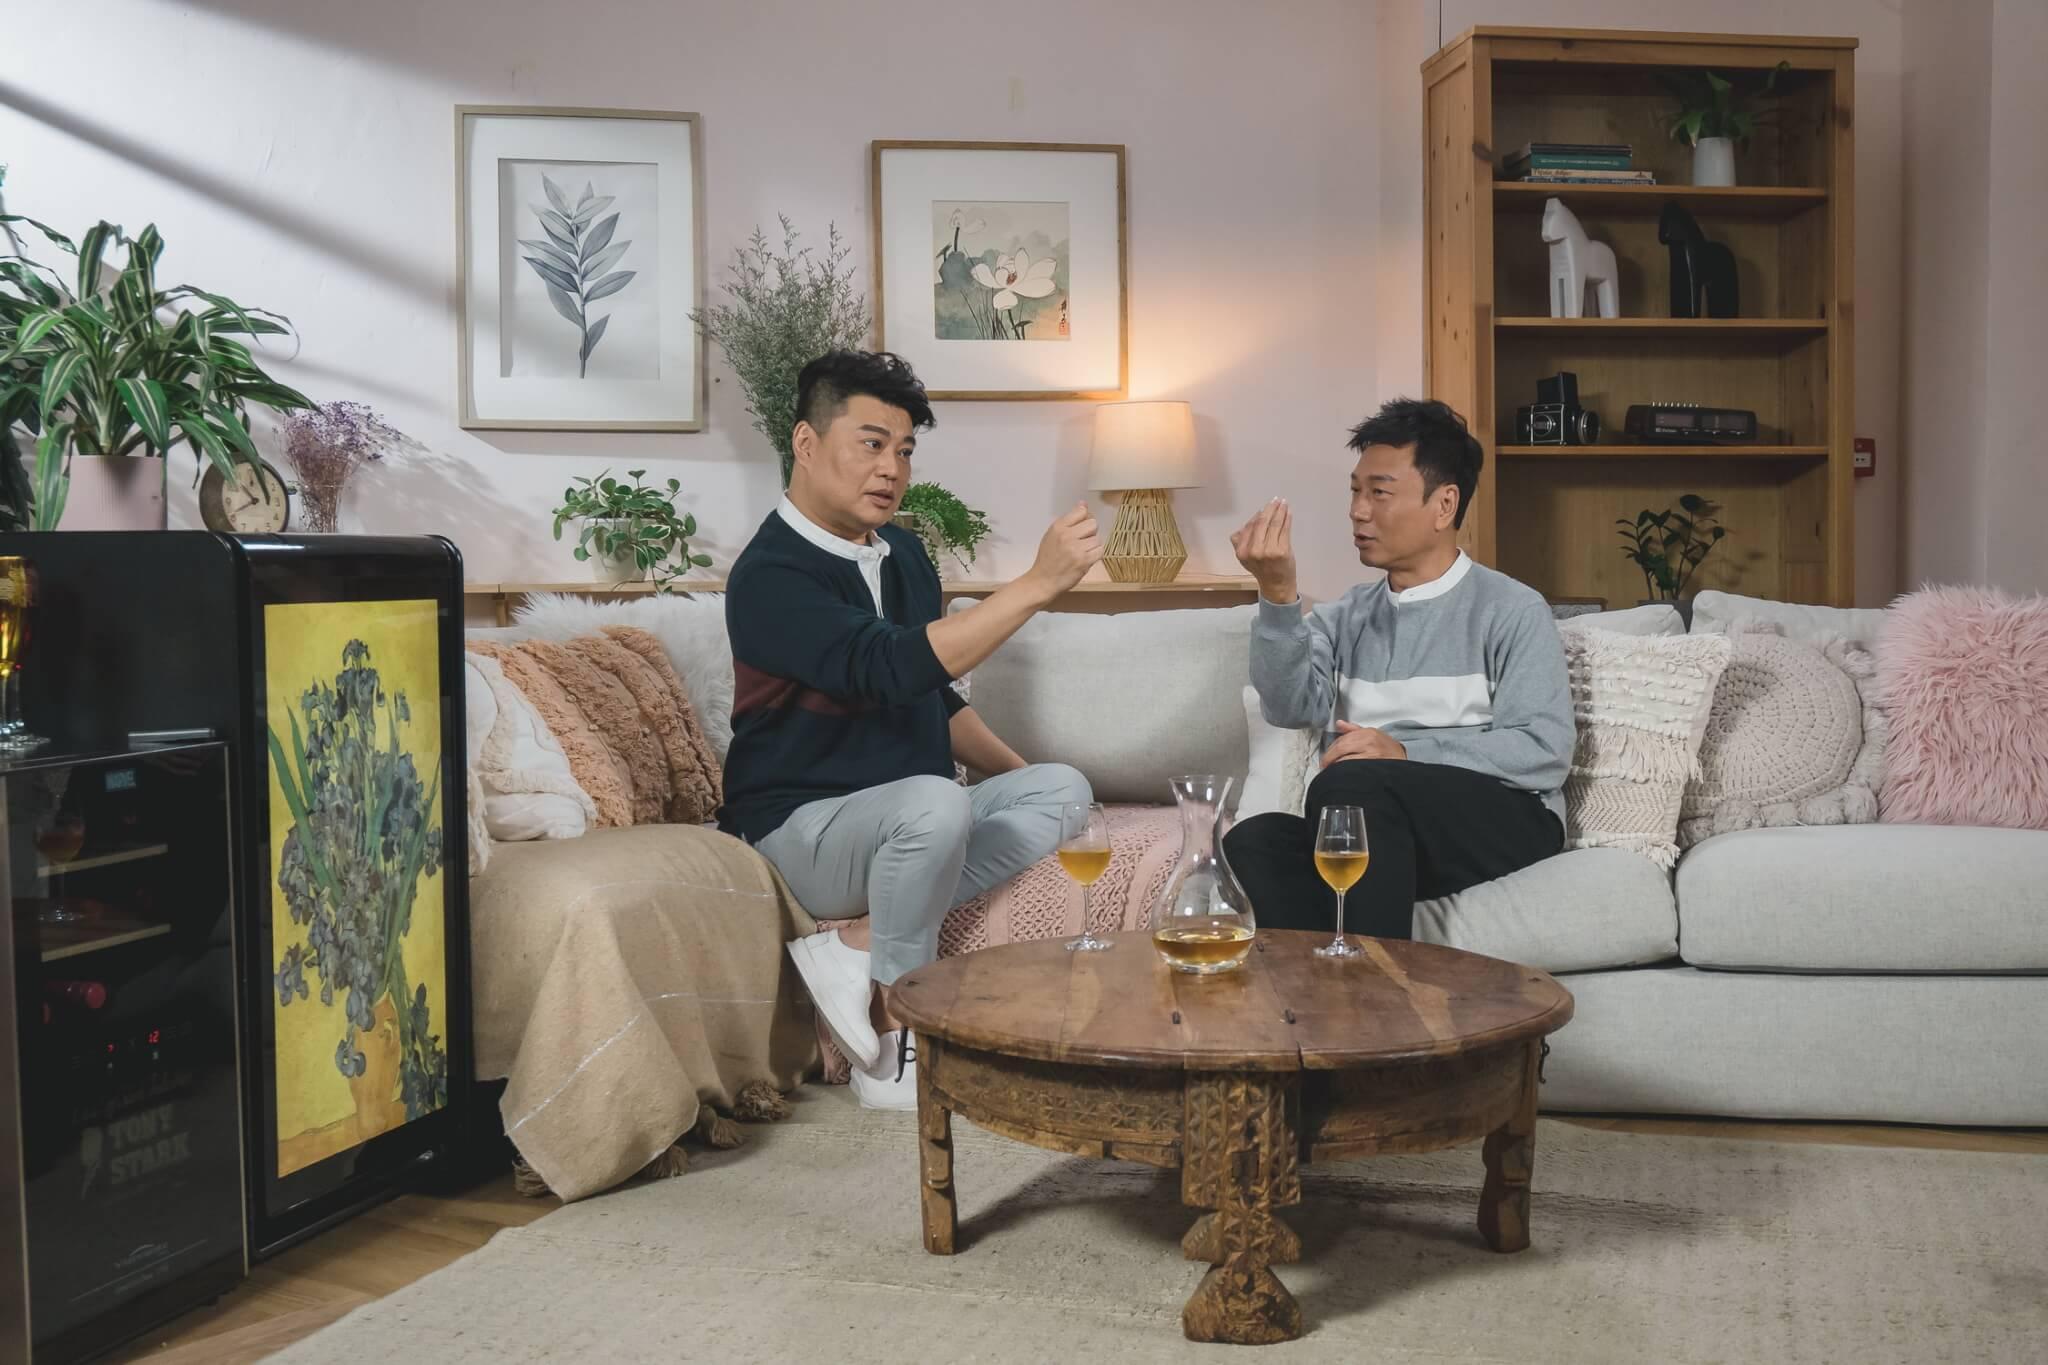 阮兆祥記得有一次在飯局上,吳君如突然拿起湯匙,他以為湯匙出了問題,豈知她將湯匙當作鏡子來照。